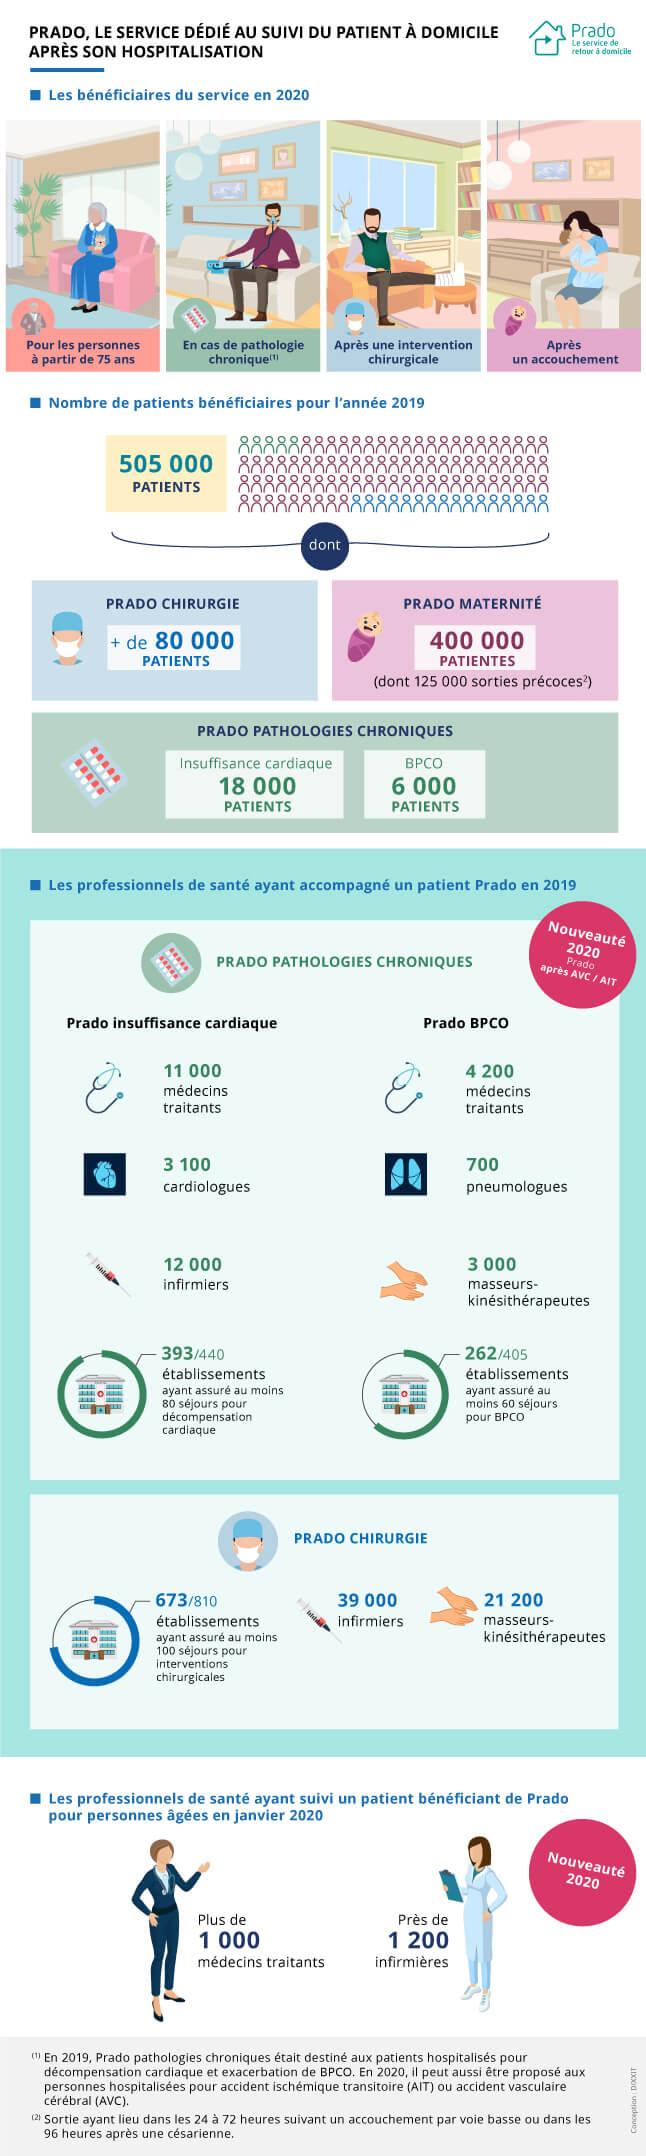 Infographie présentant le service Prado pour les pathologies chroniques, les chirurgies et les maternités (cf. description détaillée ci-après)